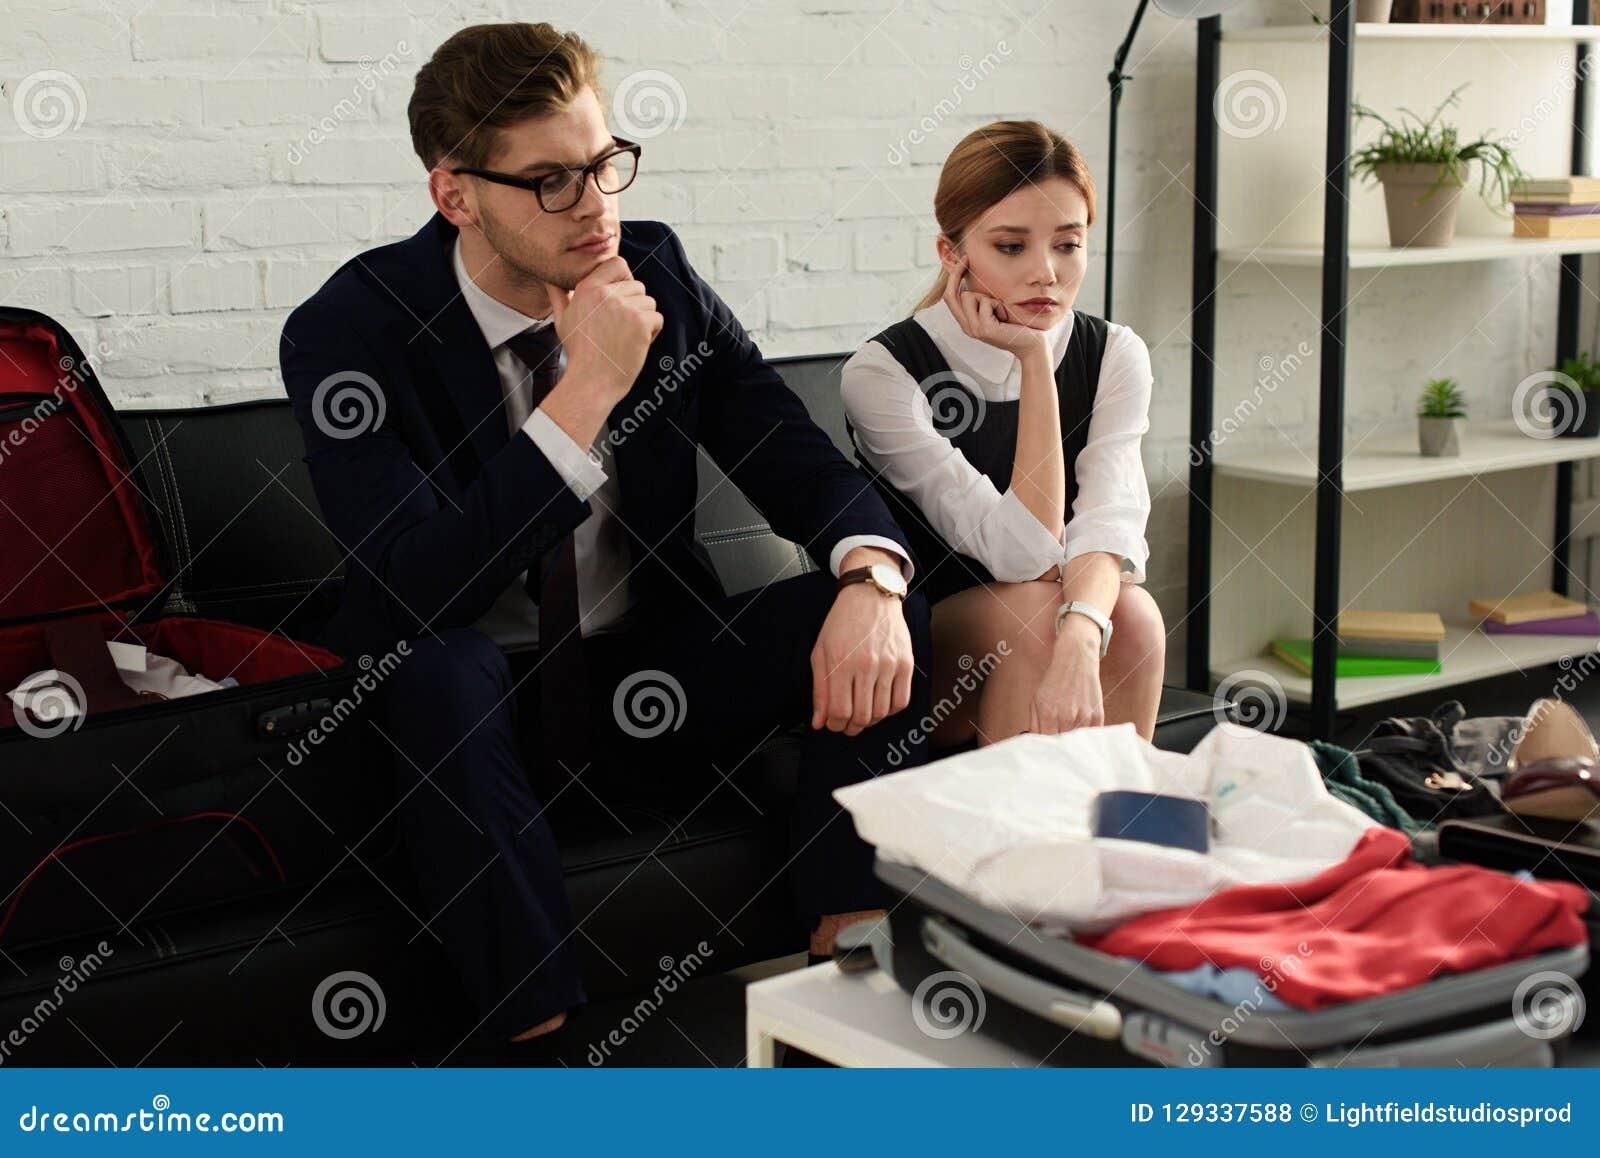 ζεύγος επιχειρηματιών και επιχειρηματιών που κοιτάζει στην τσάντα ταξιδιού